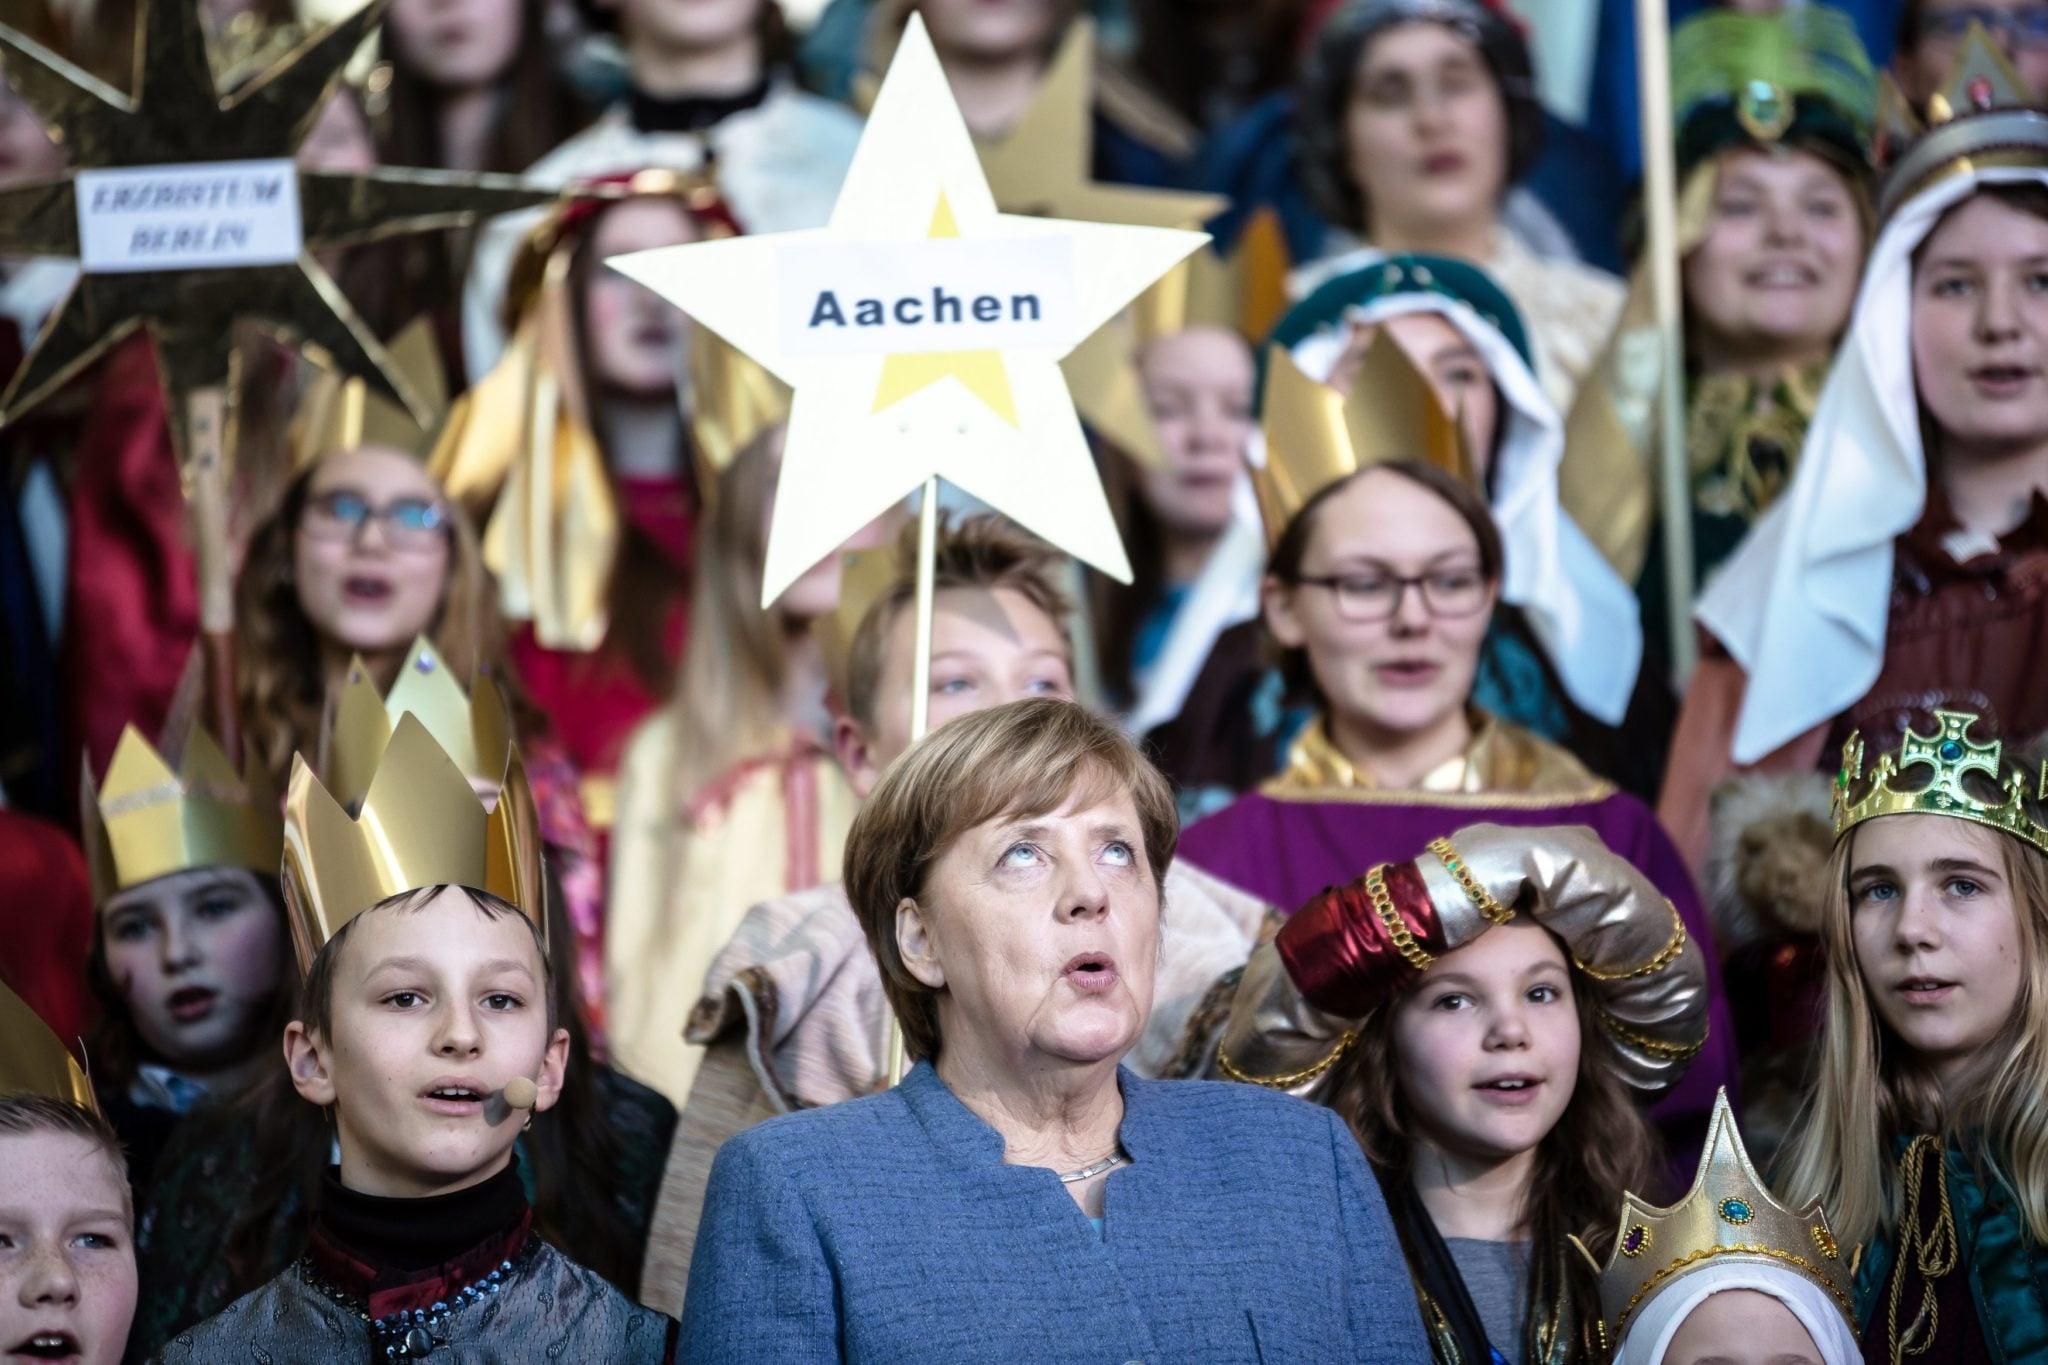 Berlin: Angela Merkel spotkała się i dziecięcymi kolędnikami. Wspólne spotkanie kanclerza Niemiec z młodzieżą na śpiewaniu kolęd to tradycja zwana'Sternsinger'. fot. Till Rimmele, PAP/EPA